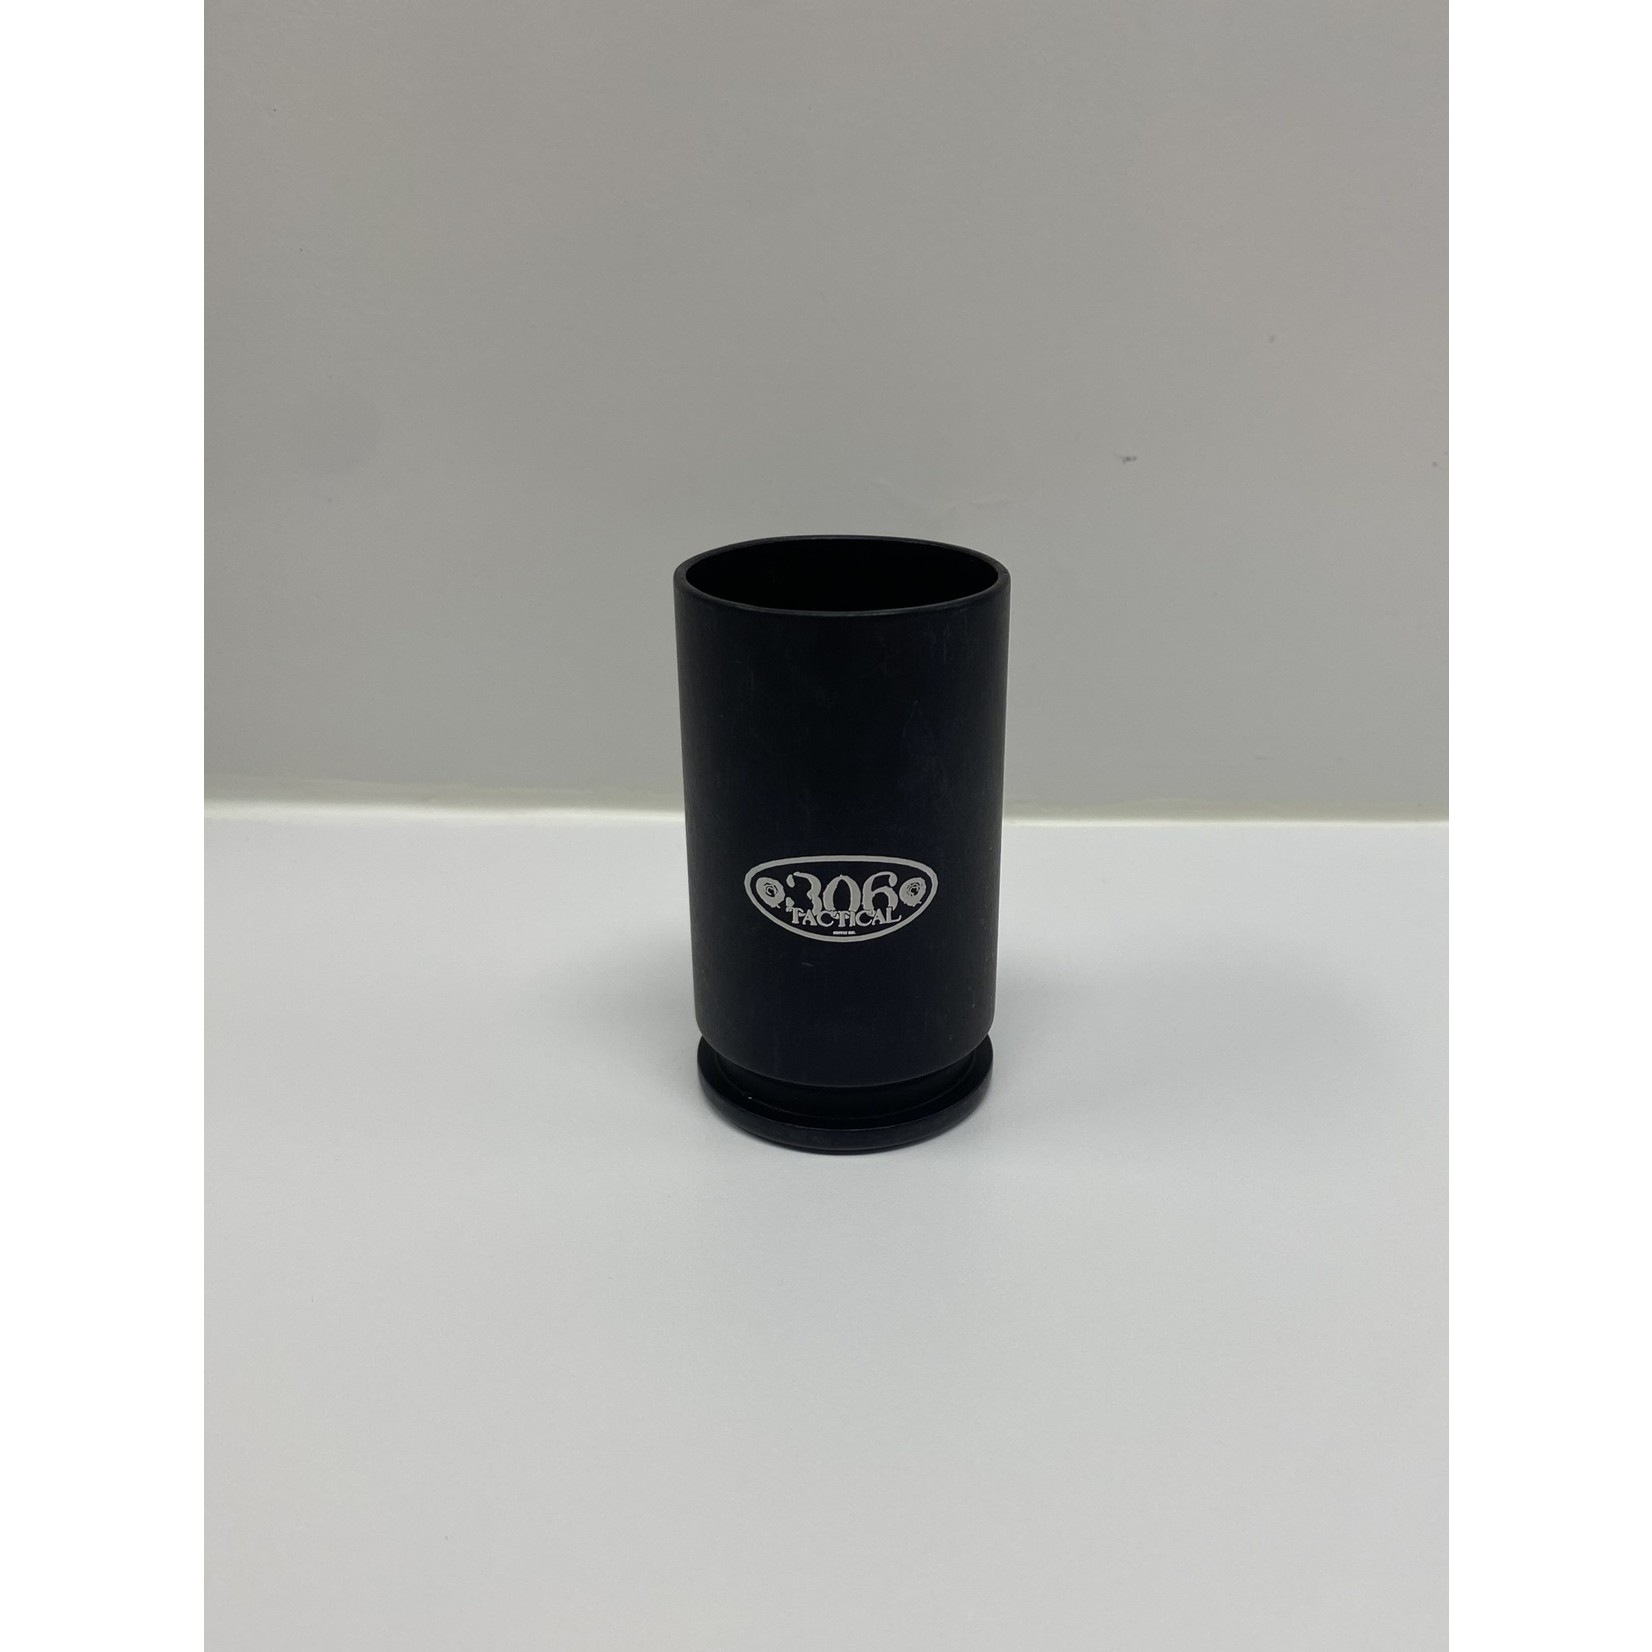 306 Tactical 306 Tactical Shot Glasses